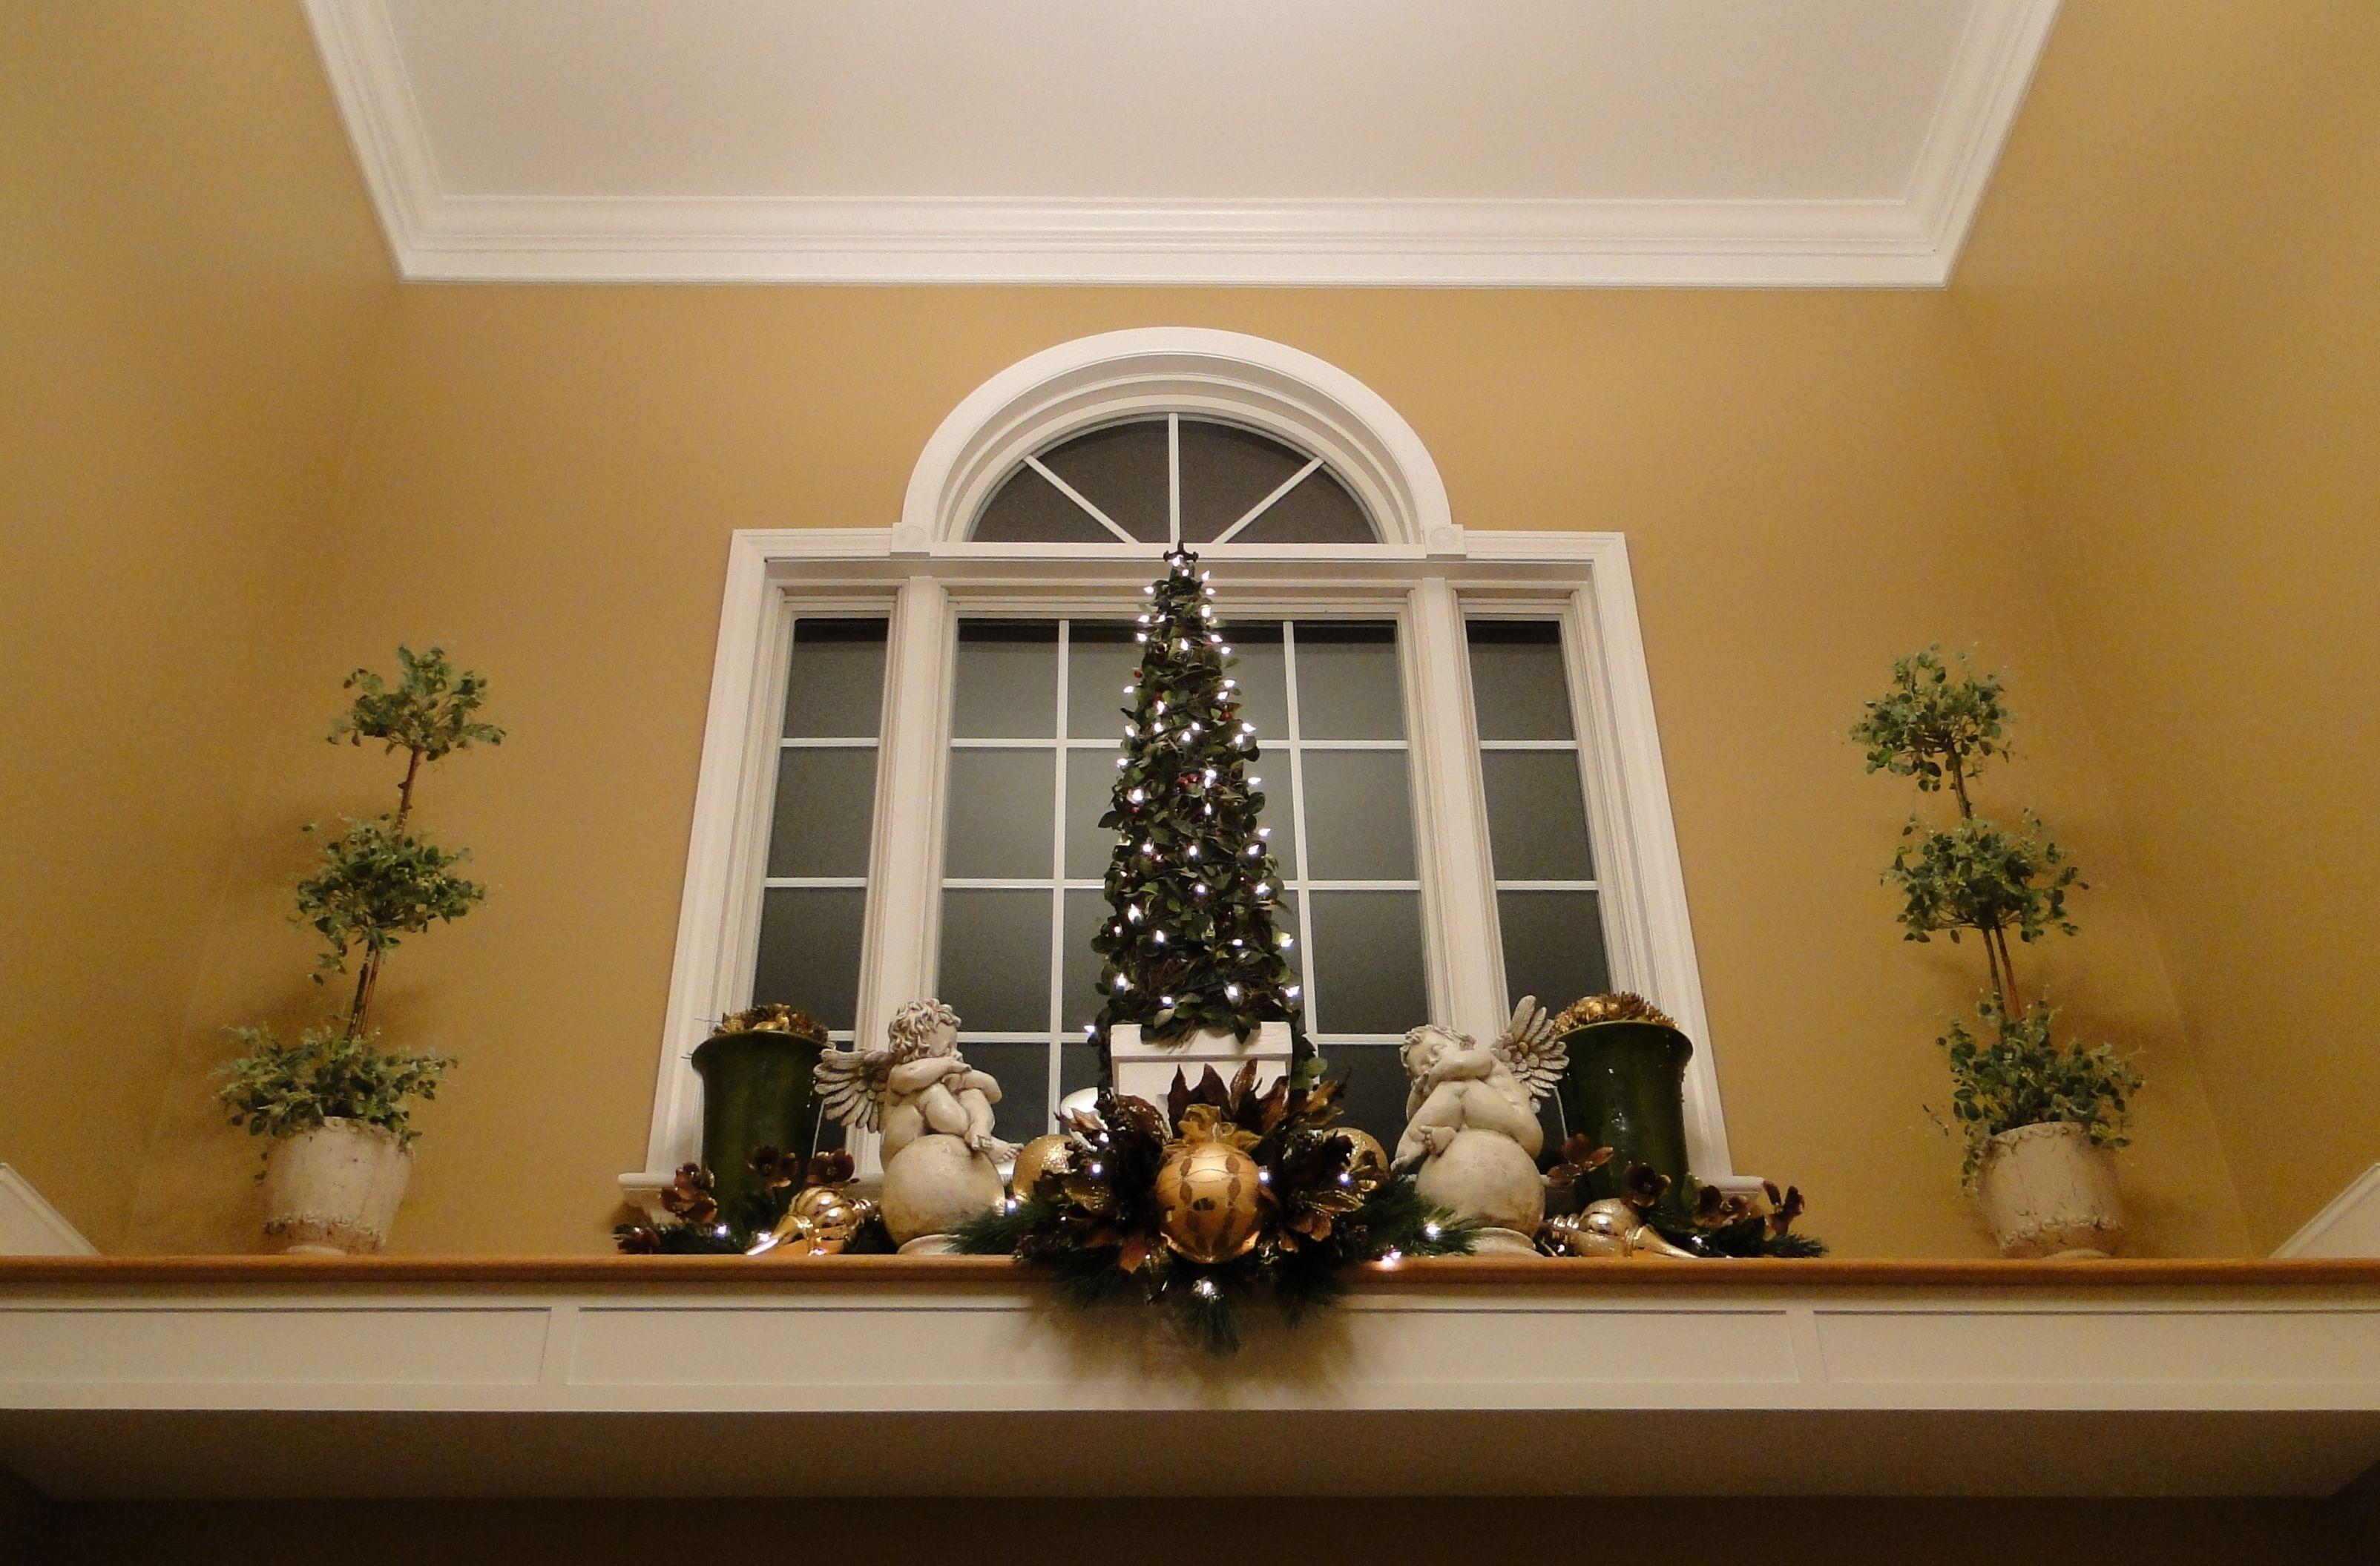 plant ledge idea for Christmas | Cool & Neat Ideas ...